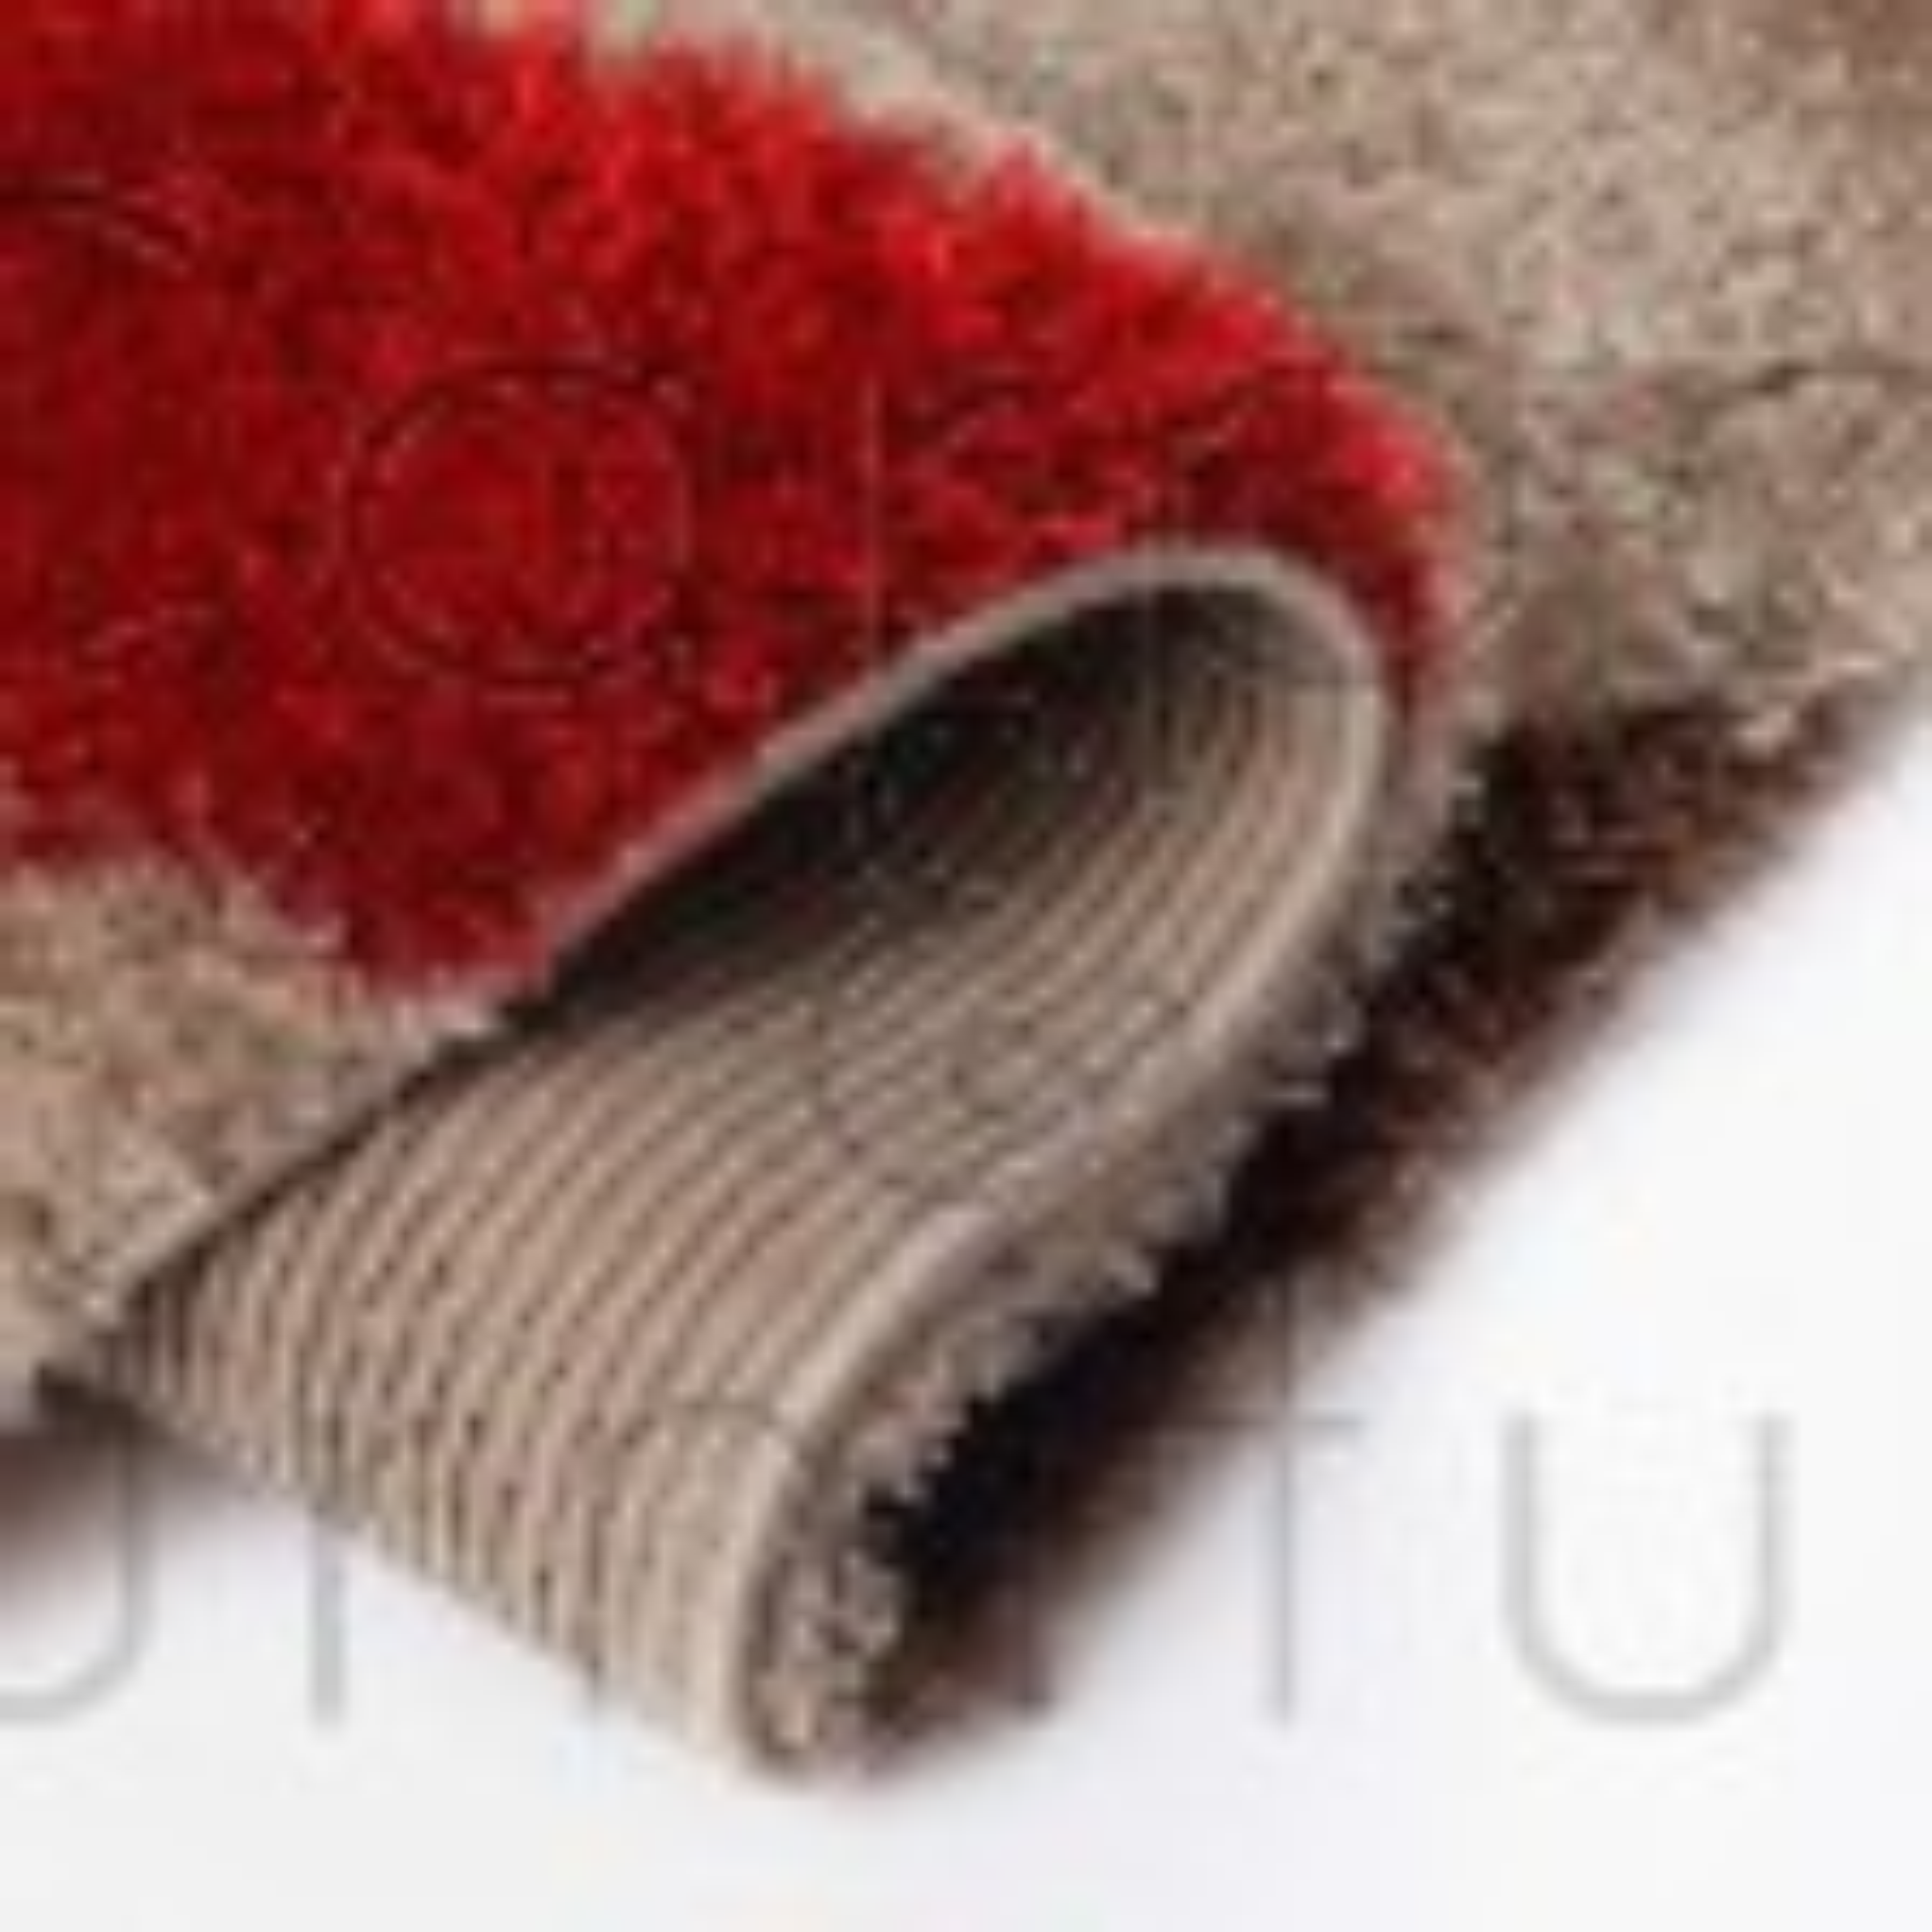 """Velvet Droplet Rug - Red Brown - Size 120 x 170 cm (4' x 5'7"""")"""